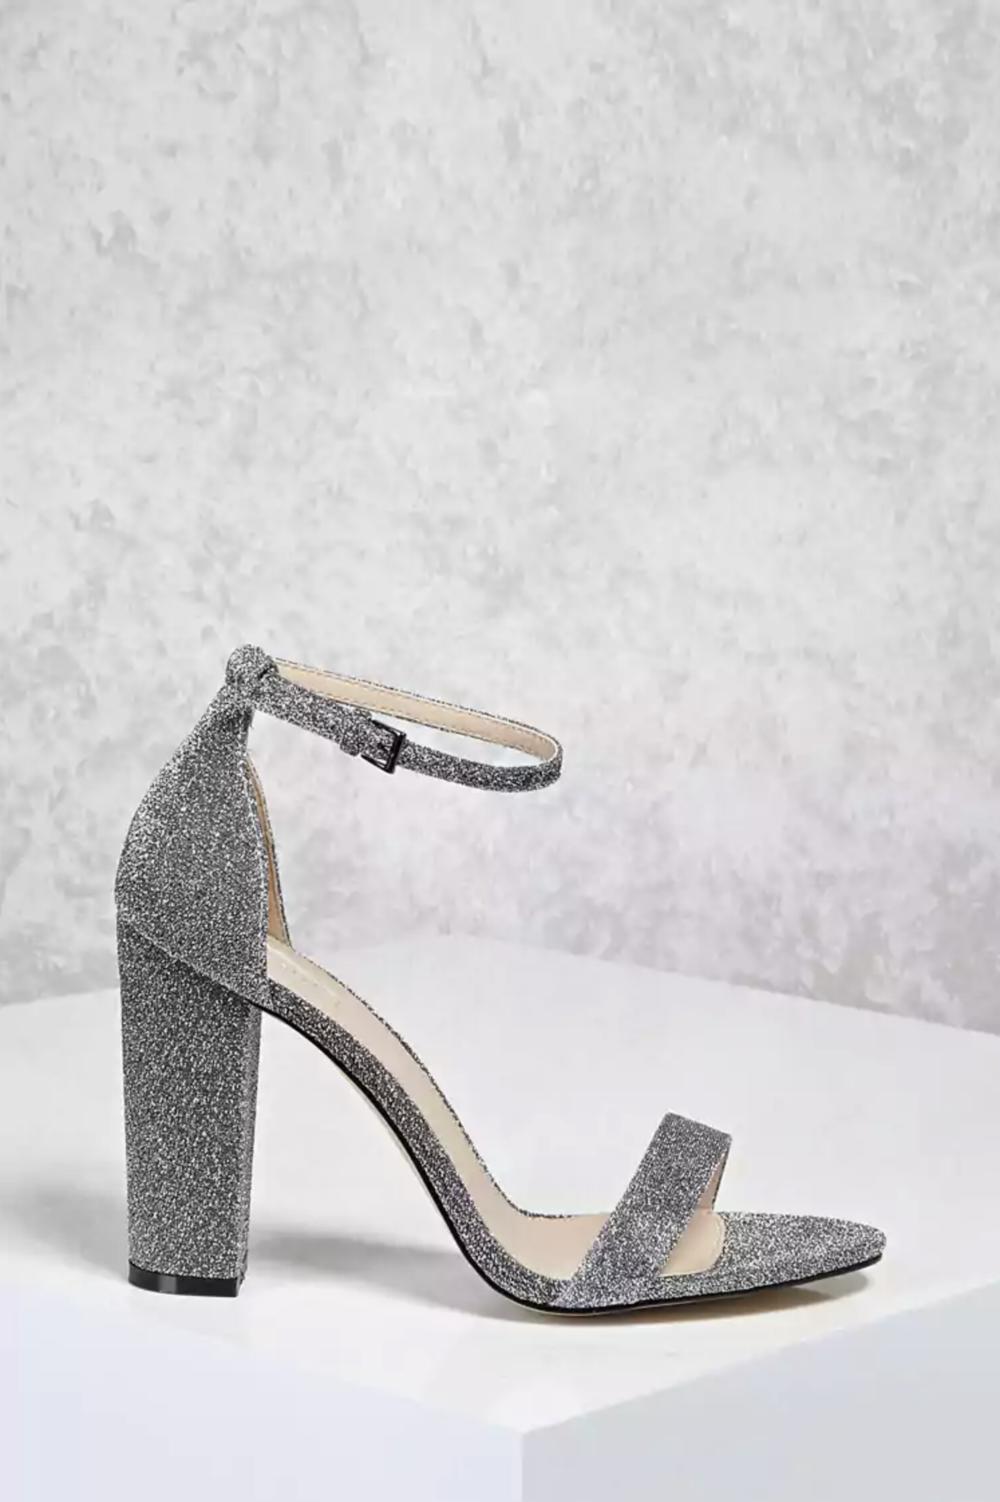 Glitter Ankle-Strap Heels